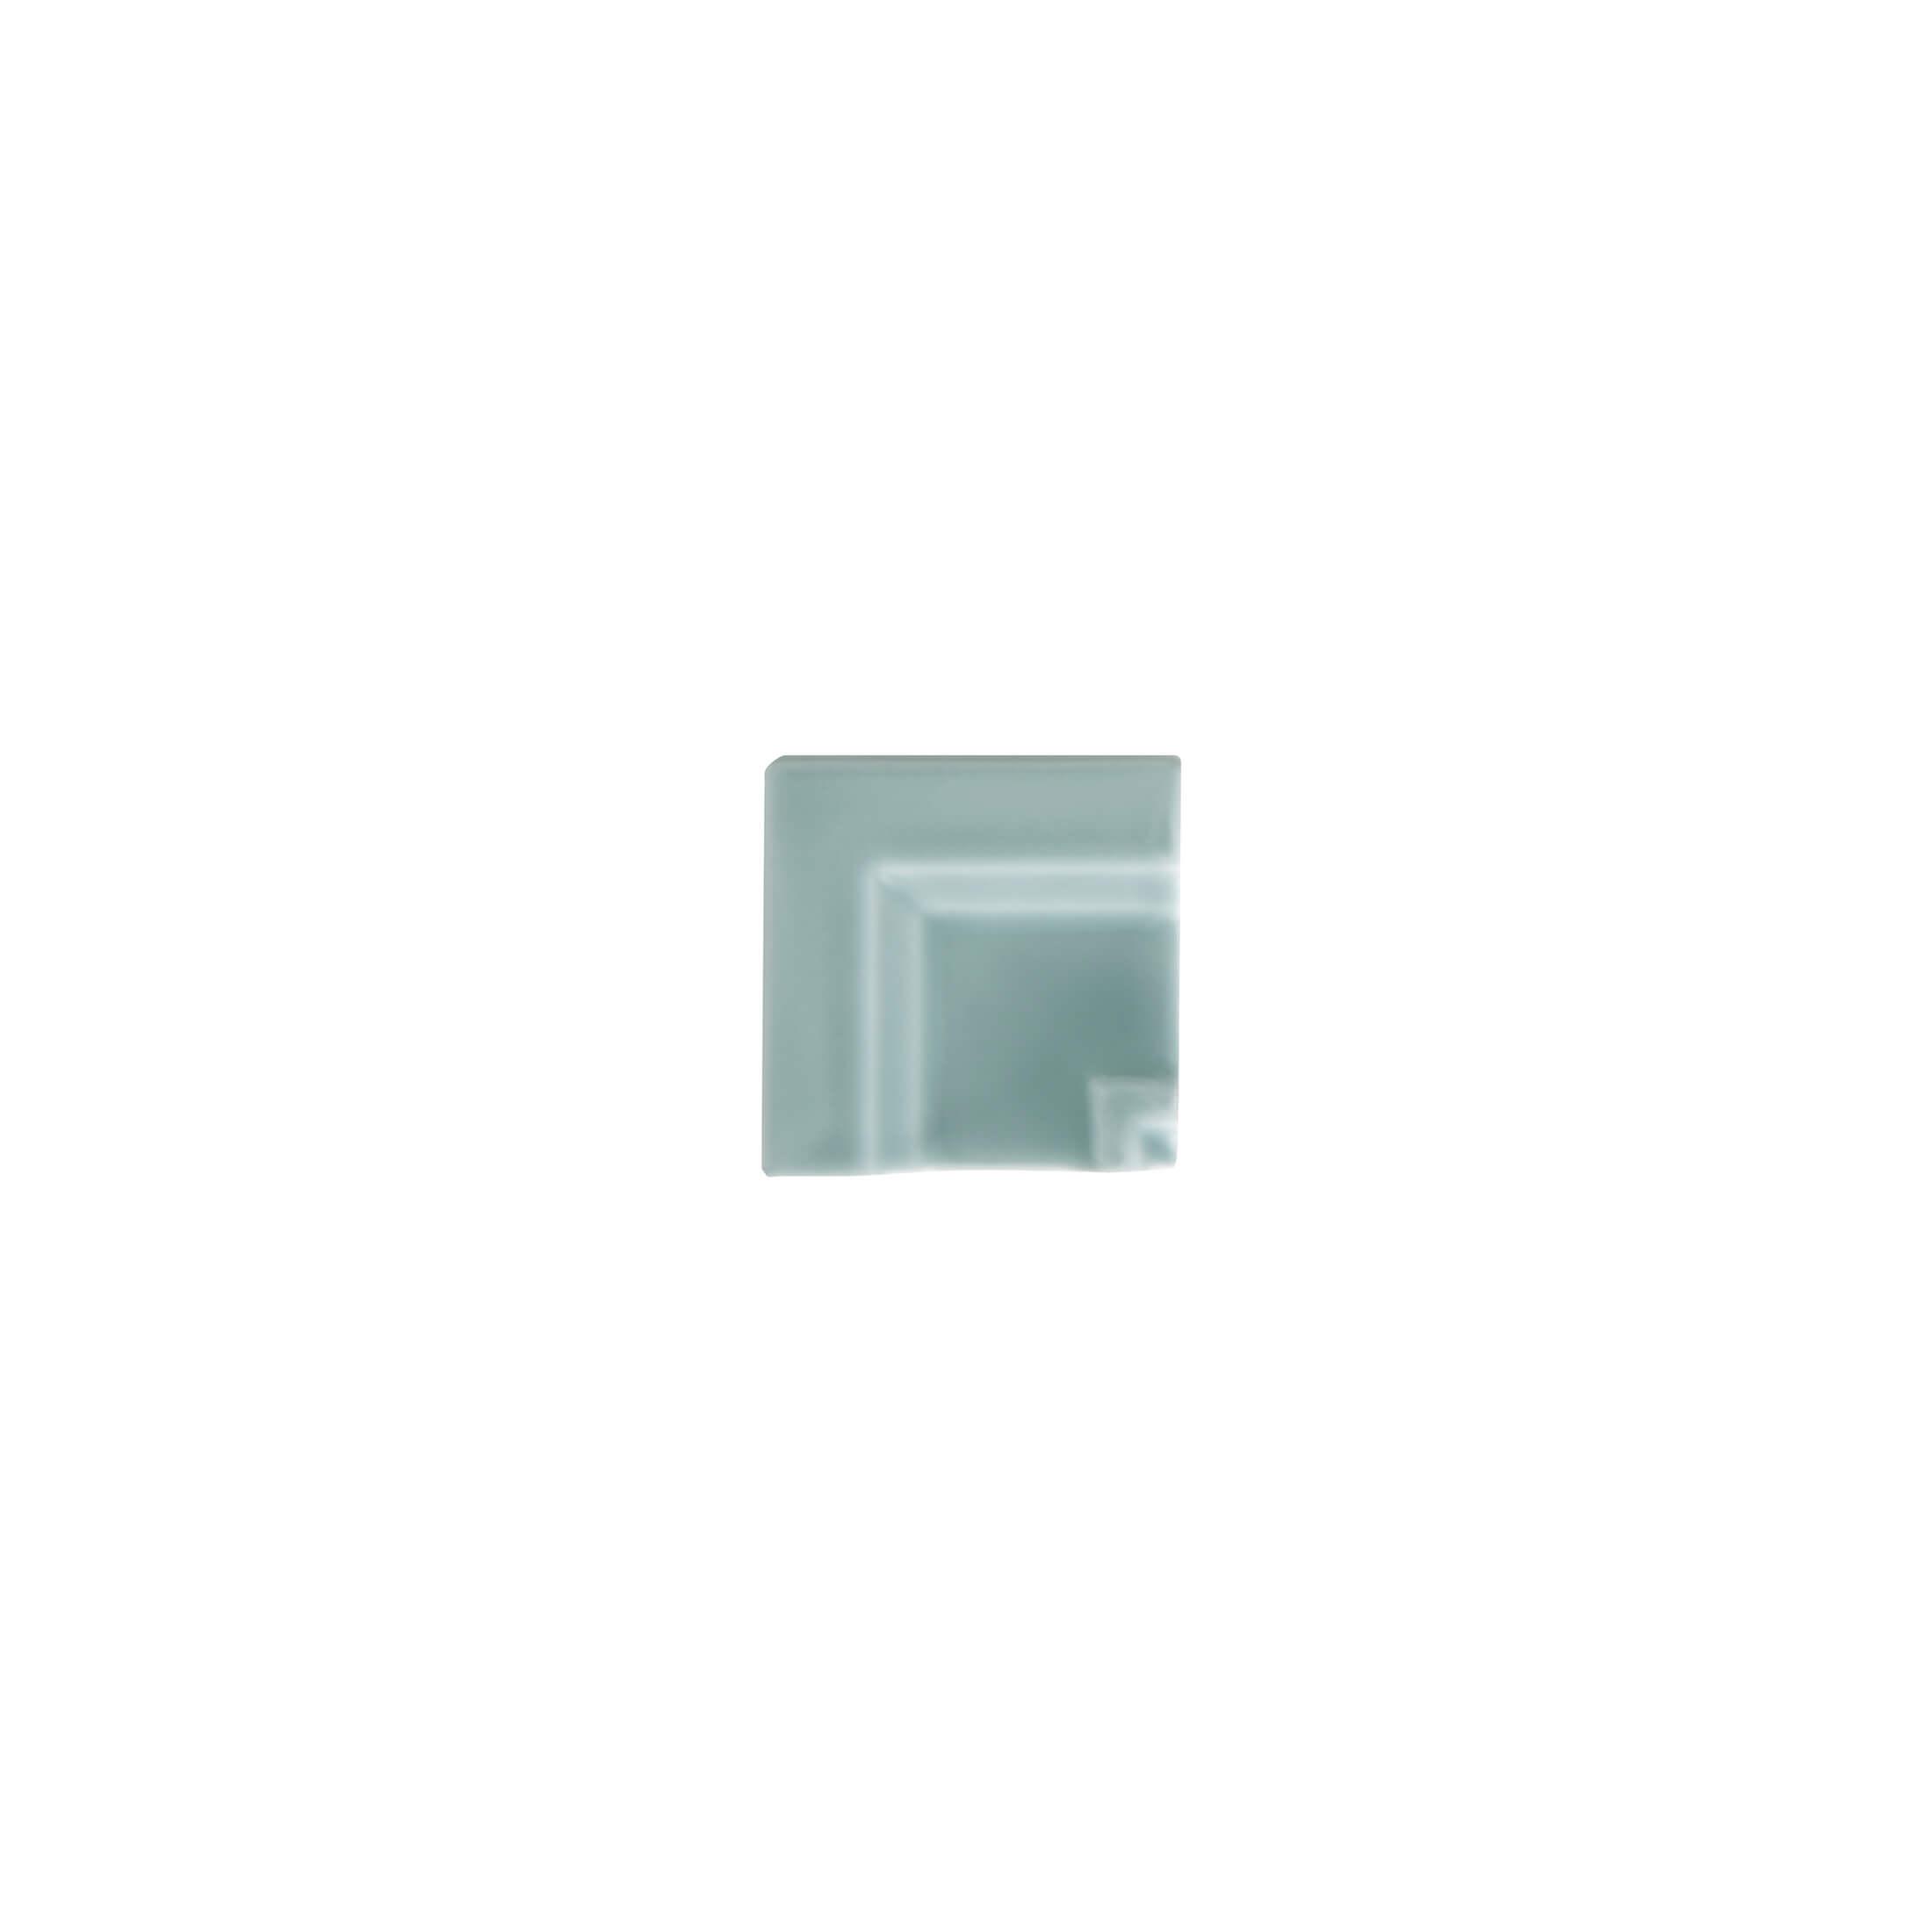 ADNE5630 - ANGULO MARCO CORNISACLASICA - 7.5 cm X 15 cm